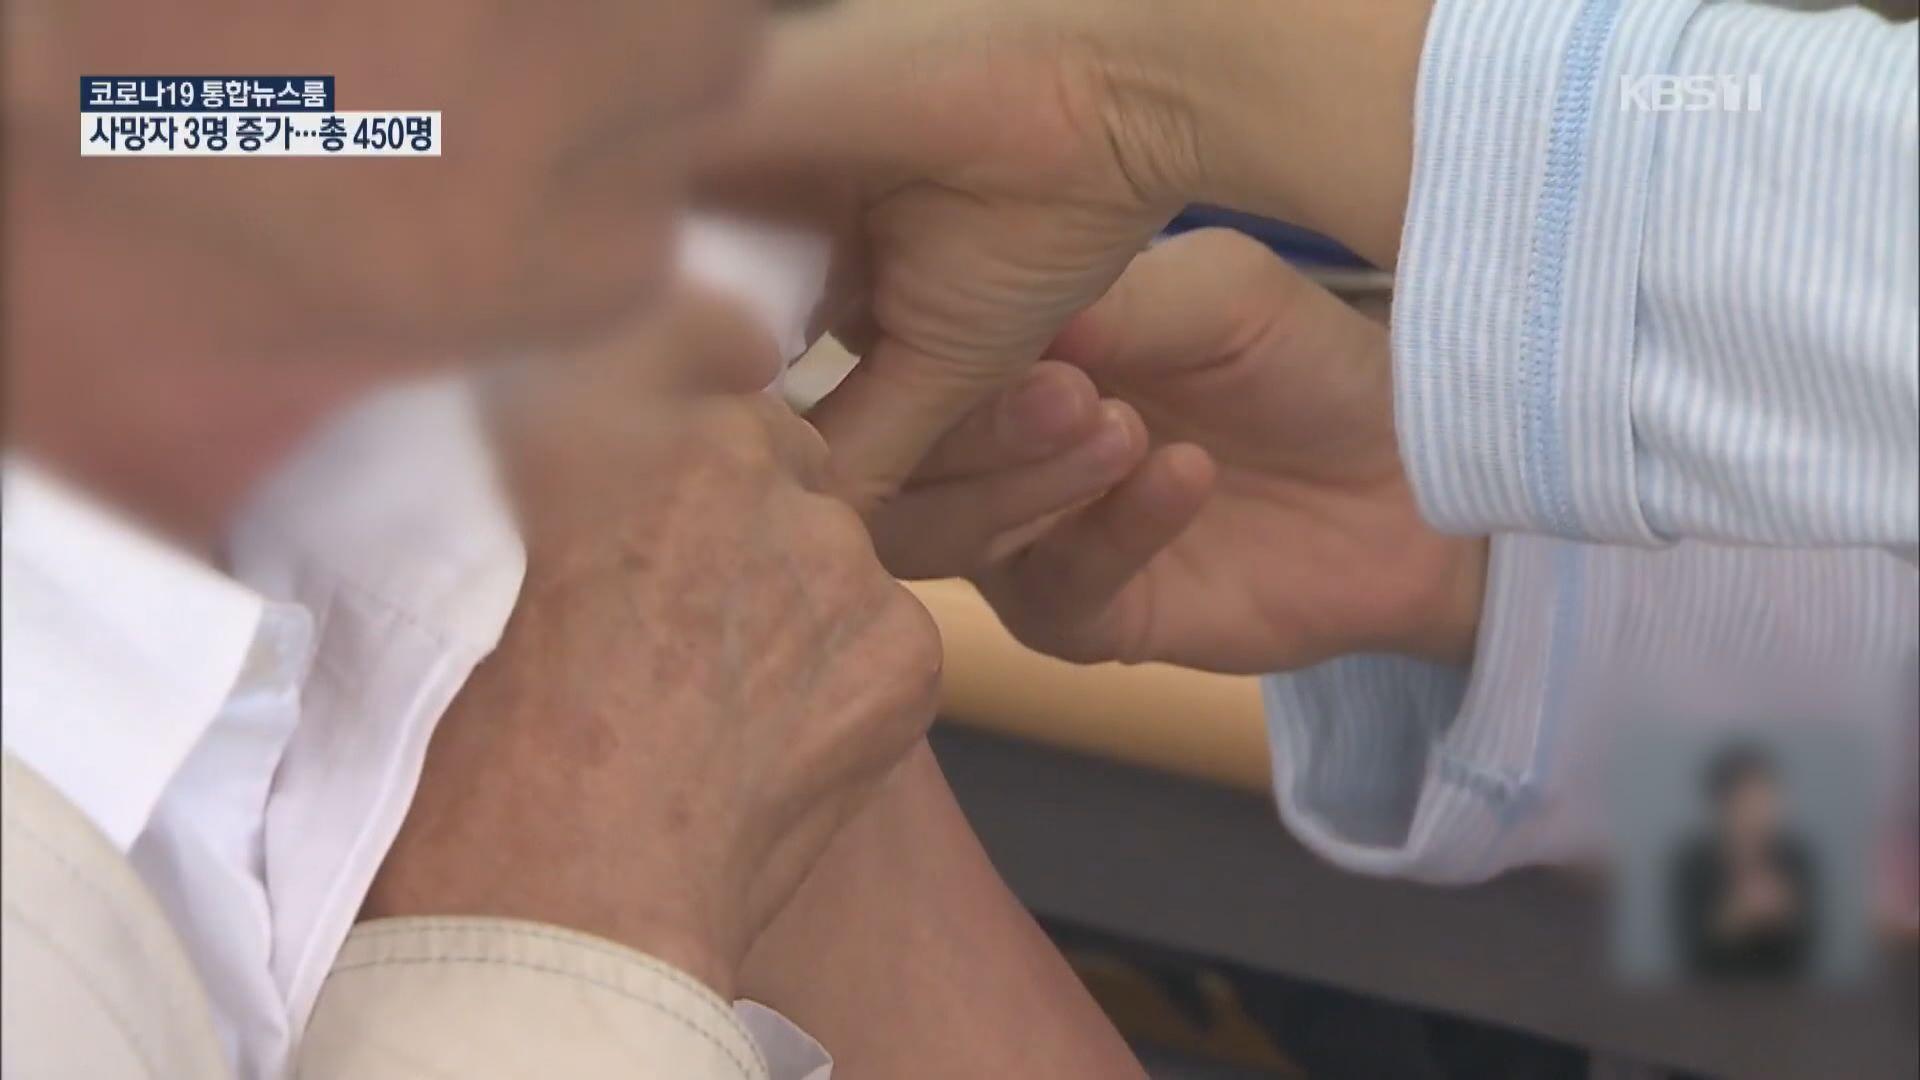 南韓至少48人接種流感疫苗後死亡